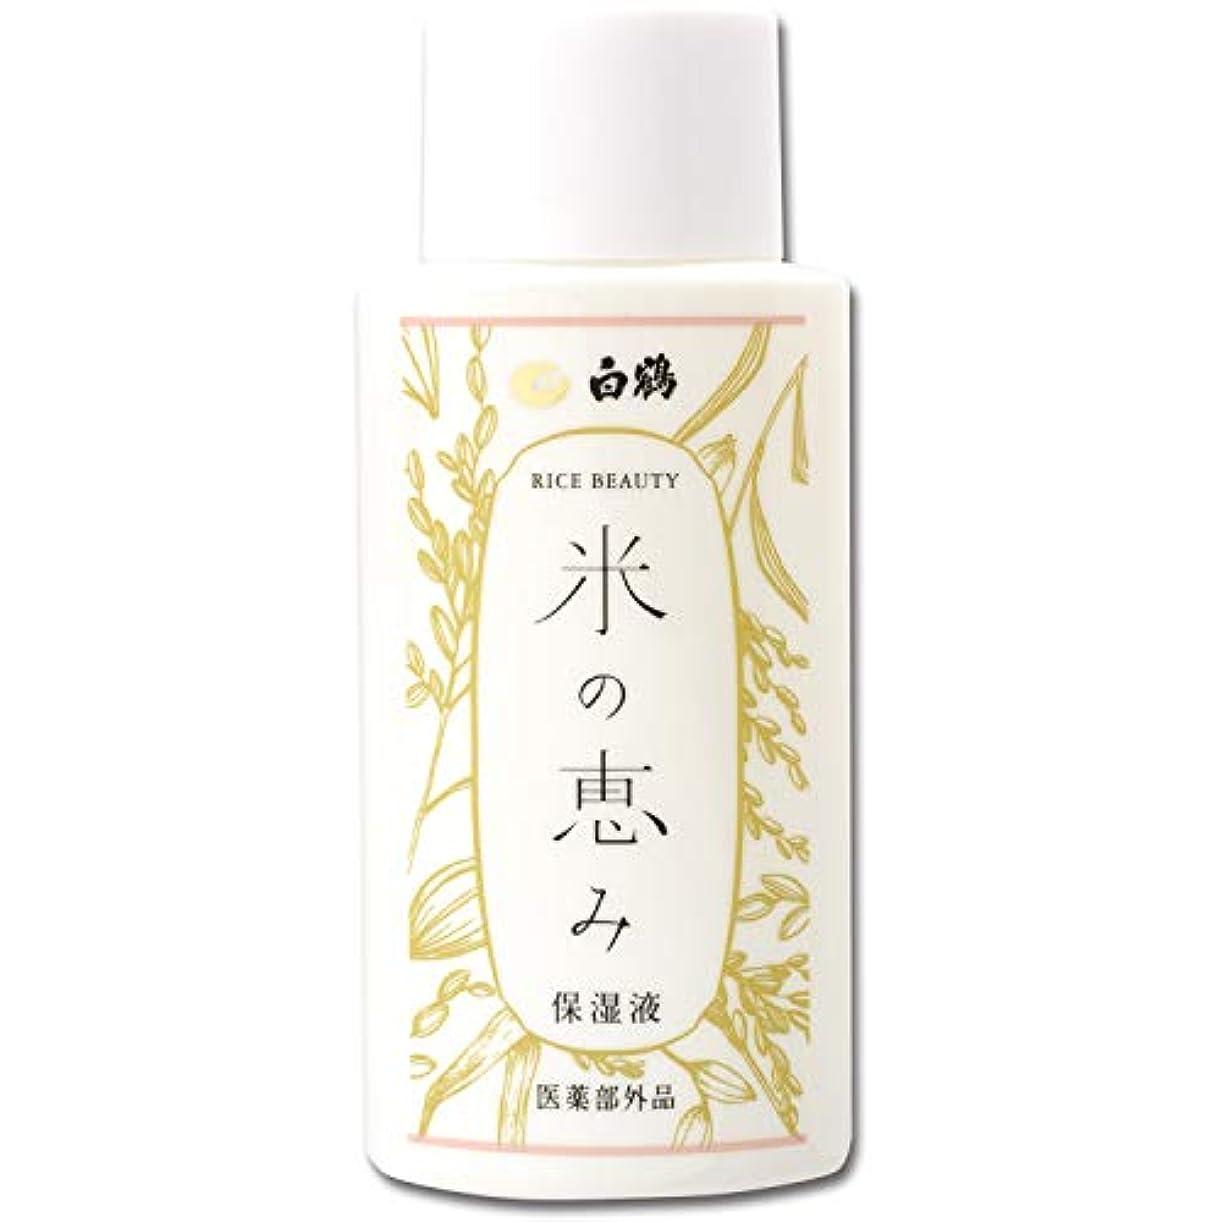 バクテリア適性貫入白鶴 ライスビューティー 米の恵み 保湿液 150ml(高保湿とろみ化粧水/医薬部外品)